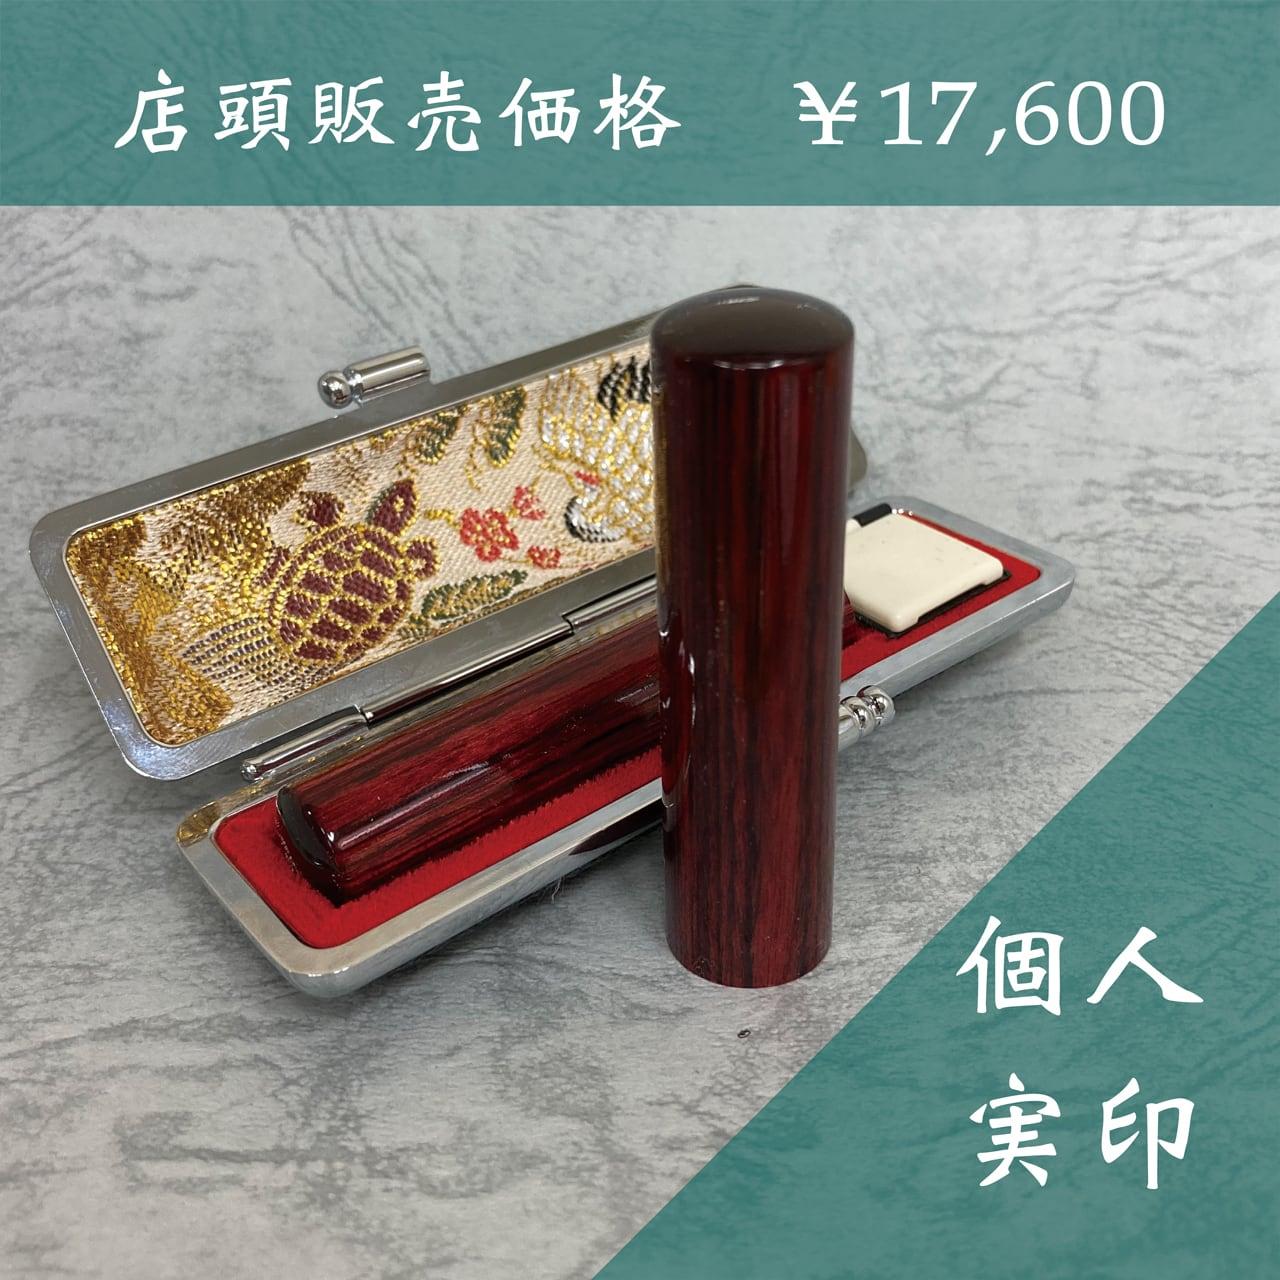 【個人用】実印(15mm)アグニ